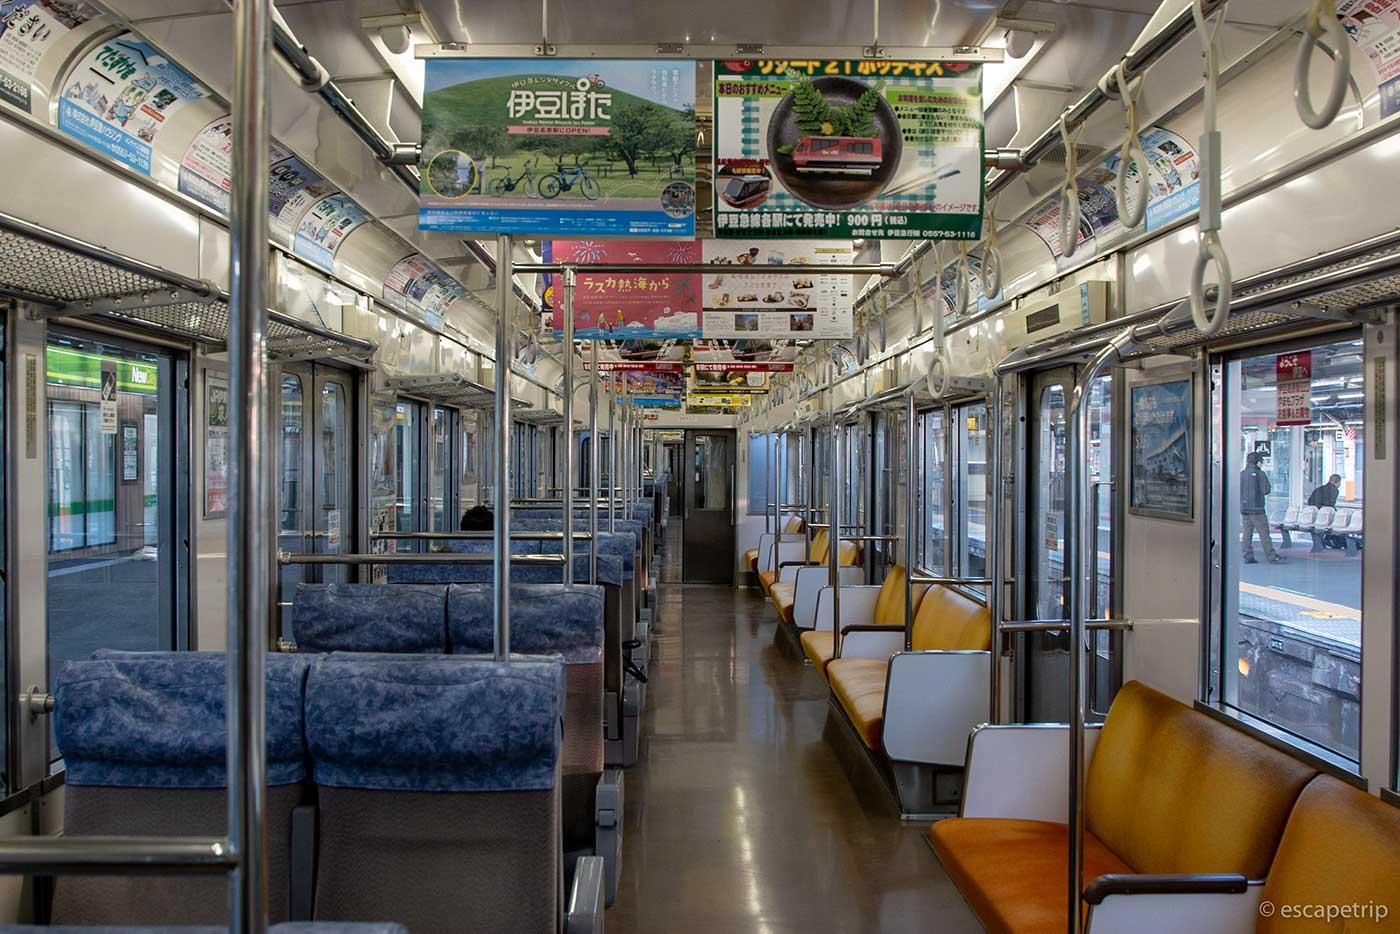 早朝で空席だらけの電車